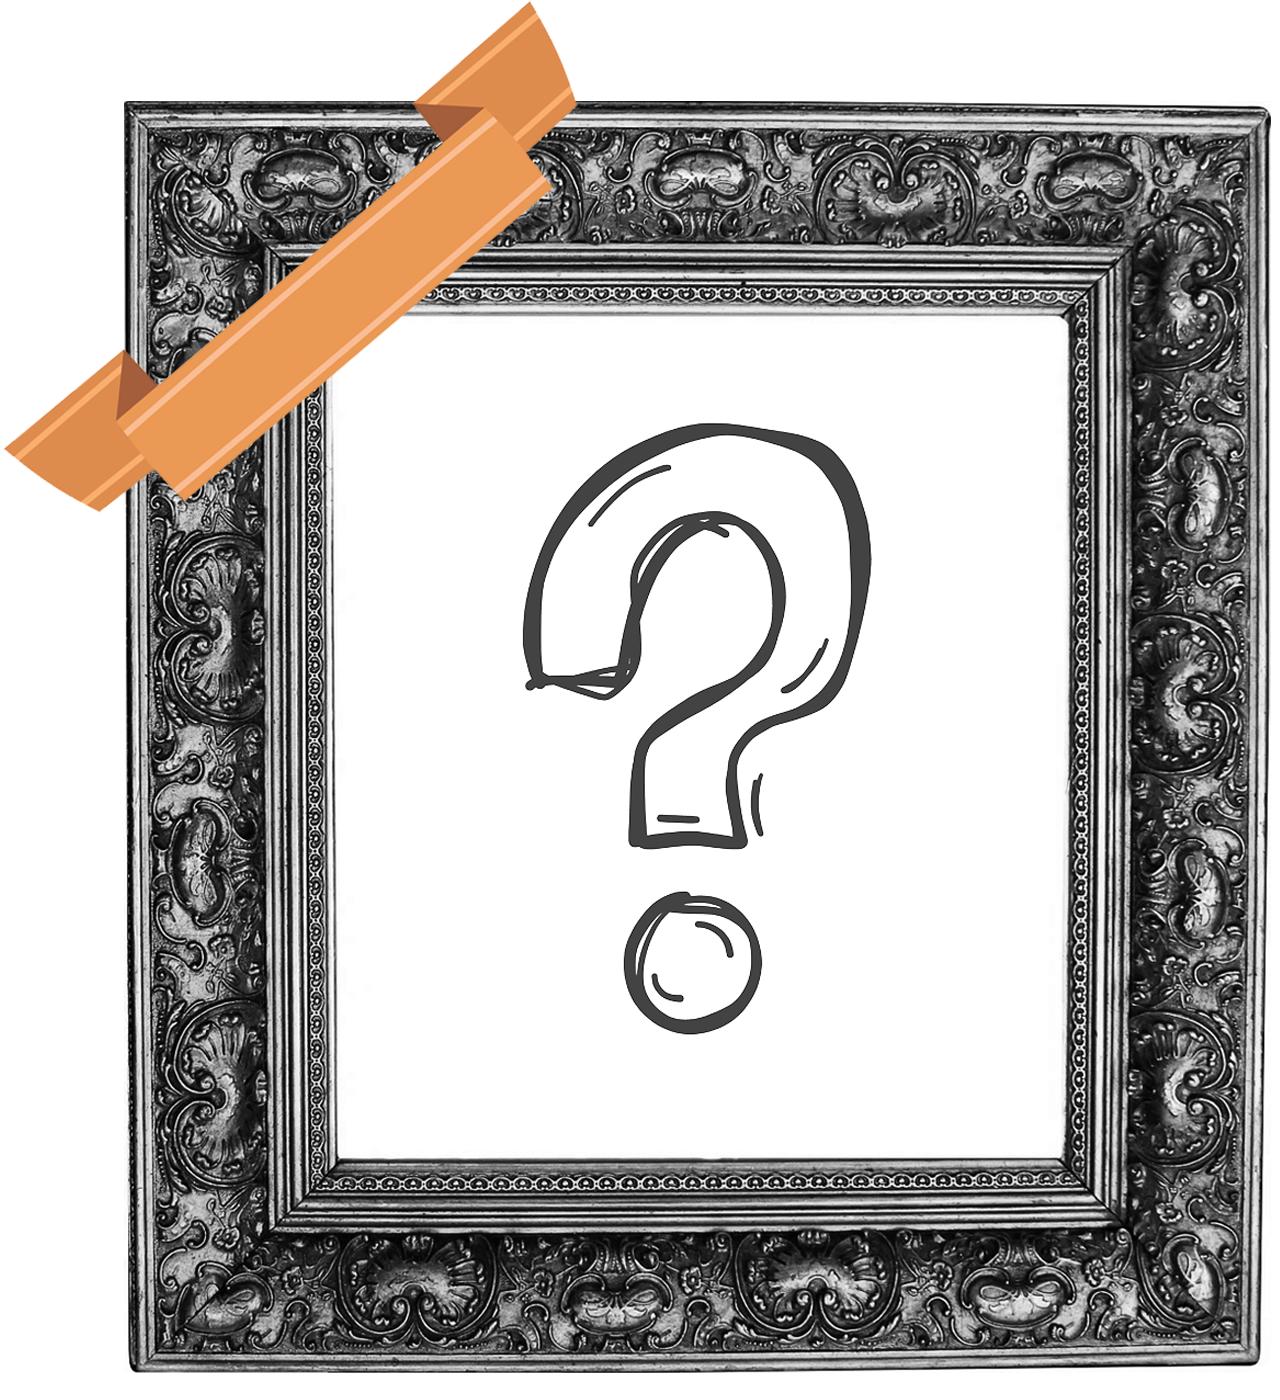 هشمسک ( hashmask )چیست؟